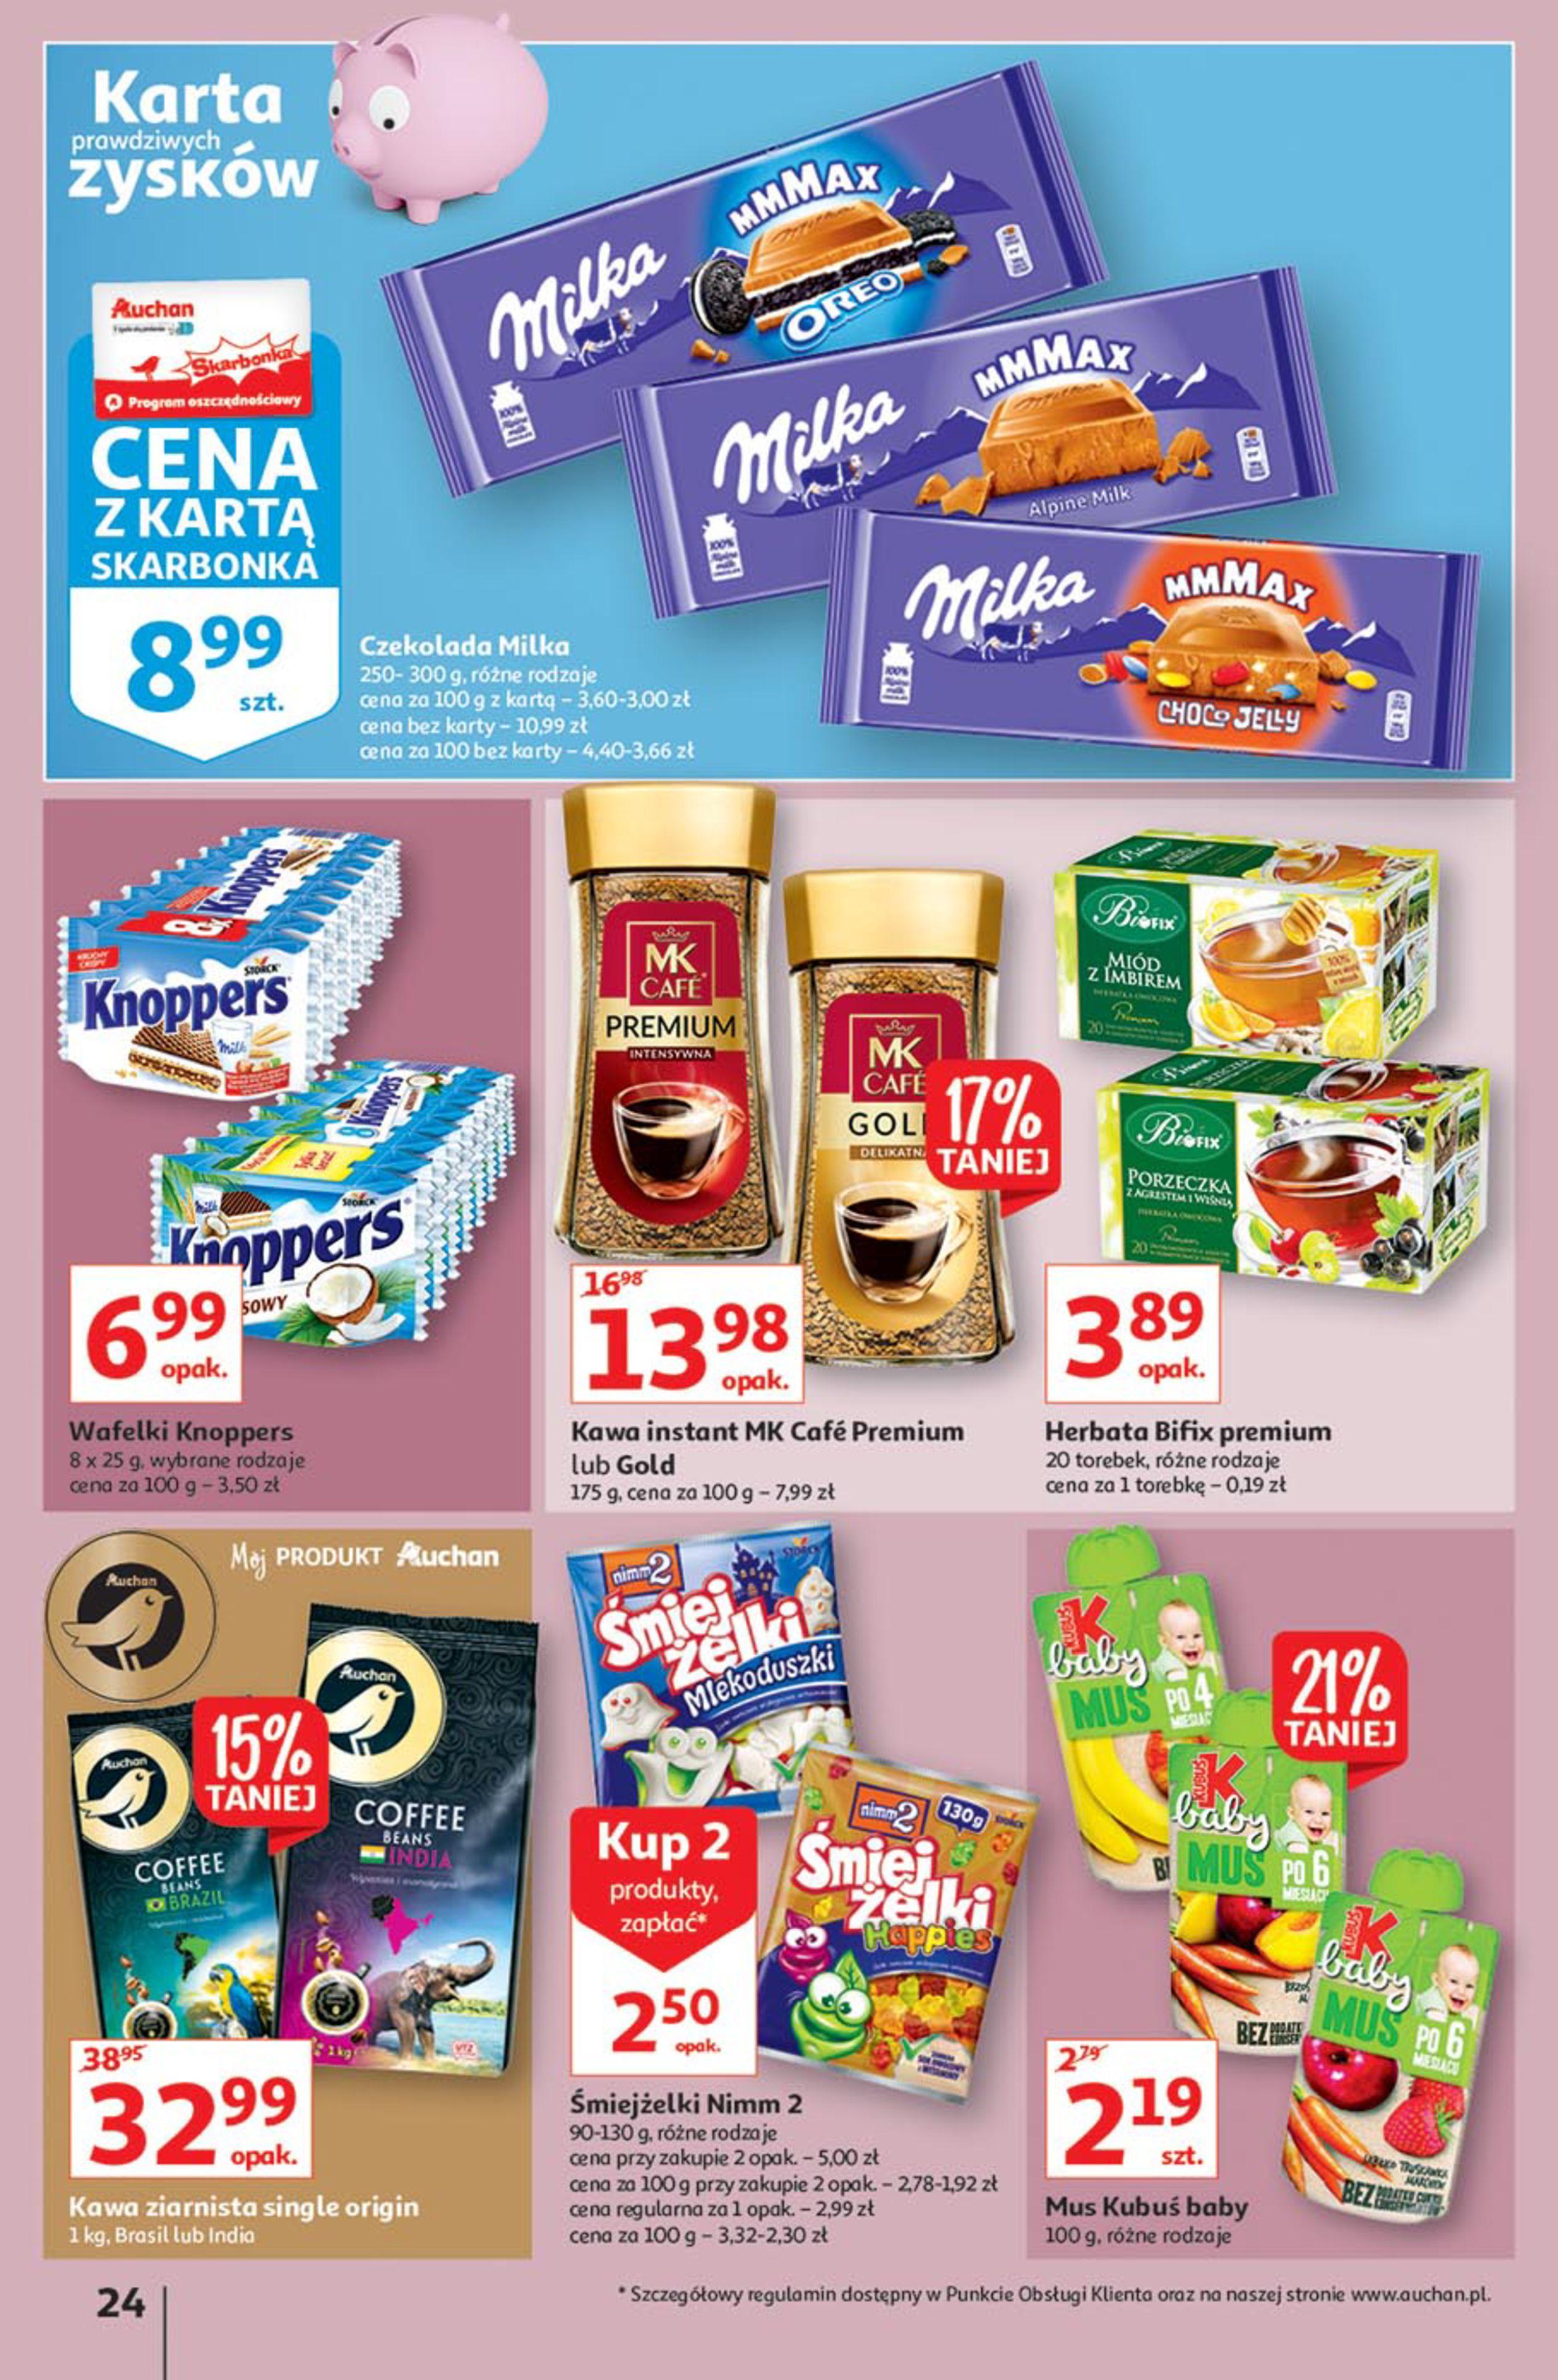 Gazetka Auchan: Gazetka Auchan - Euro 2020 2021-06-10 page-24